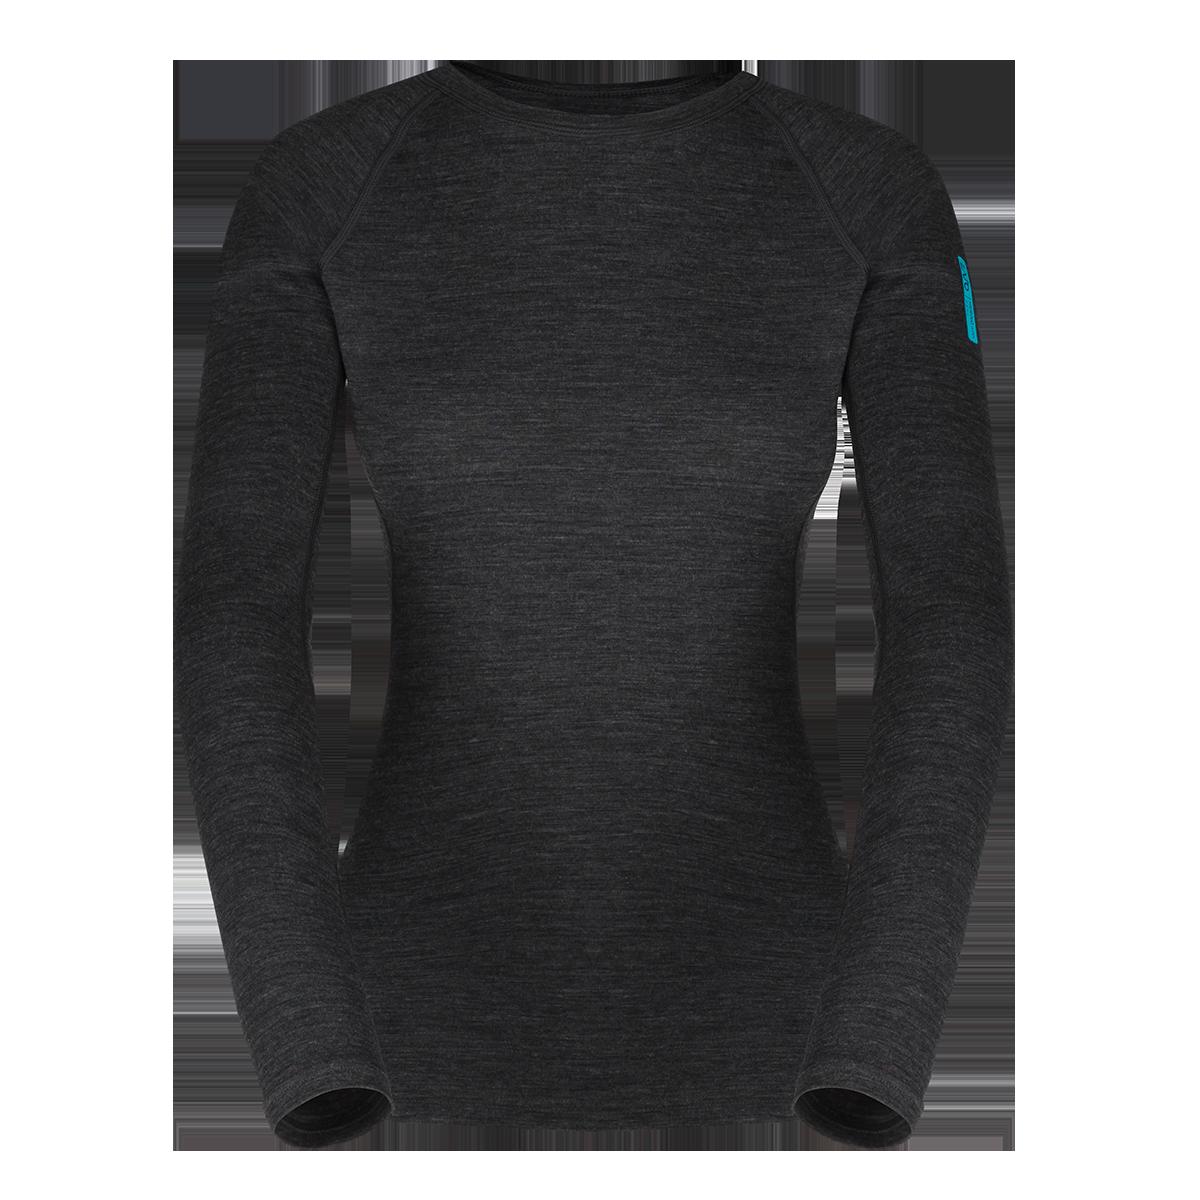 8a2f849ccb95 Zajo Elsa Merino W Tshirt LS Black - SPORTCOM Outdoor